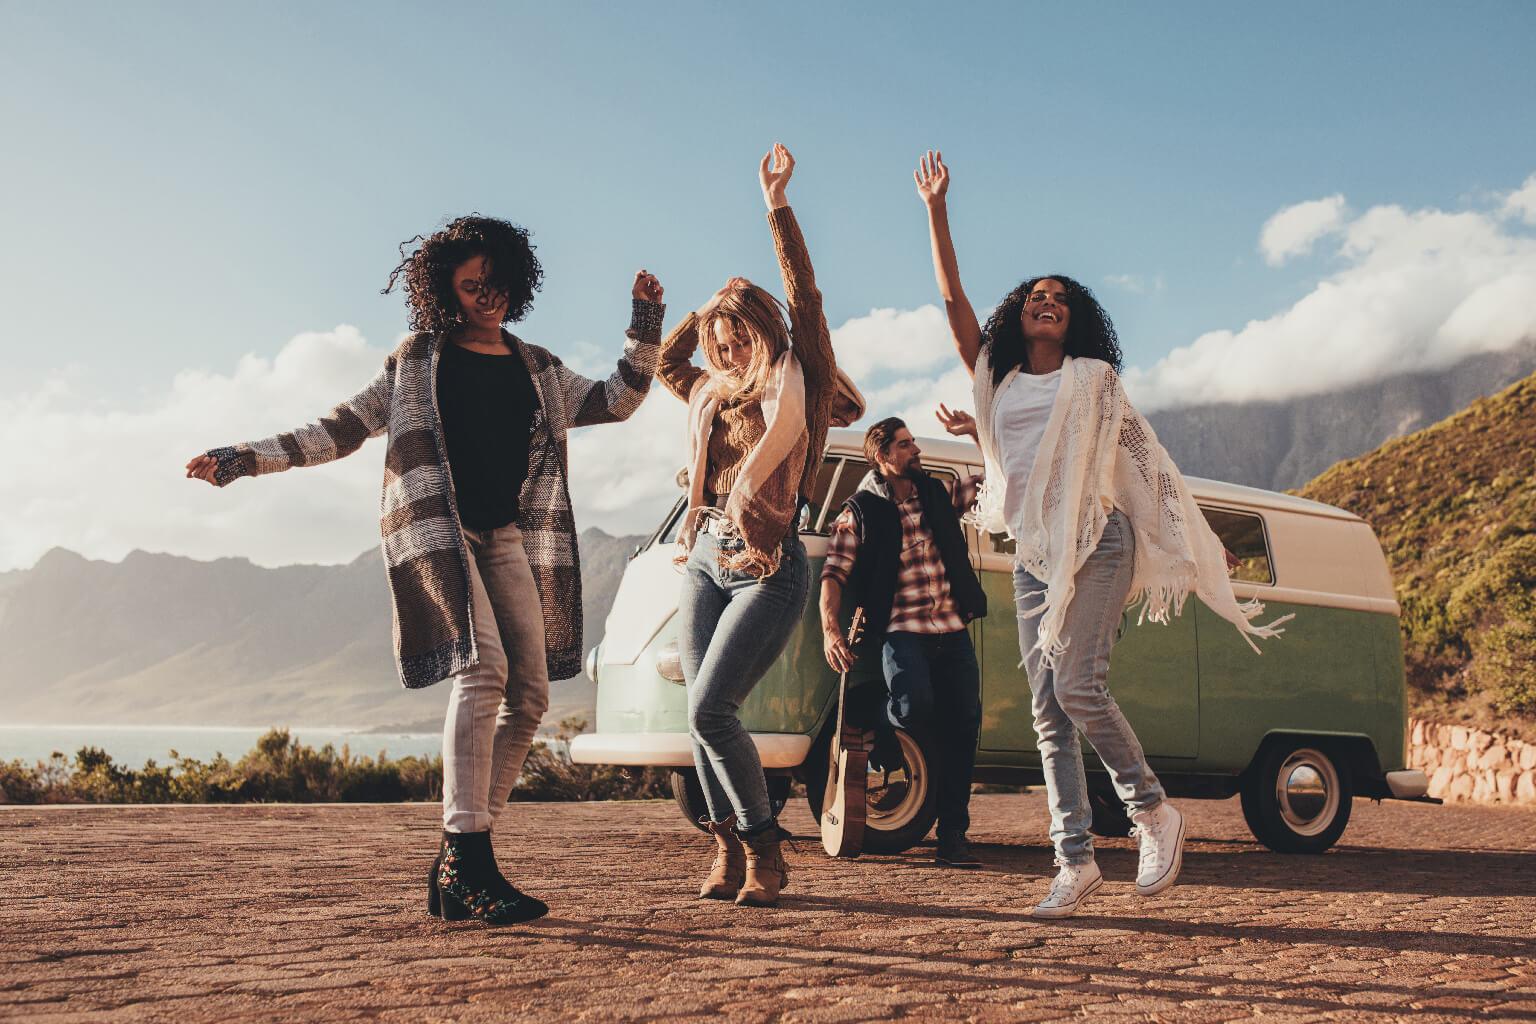 Amigas bailando al aire libre en roadtrip(femenino).